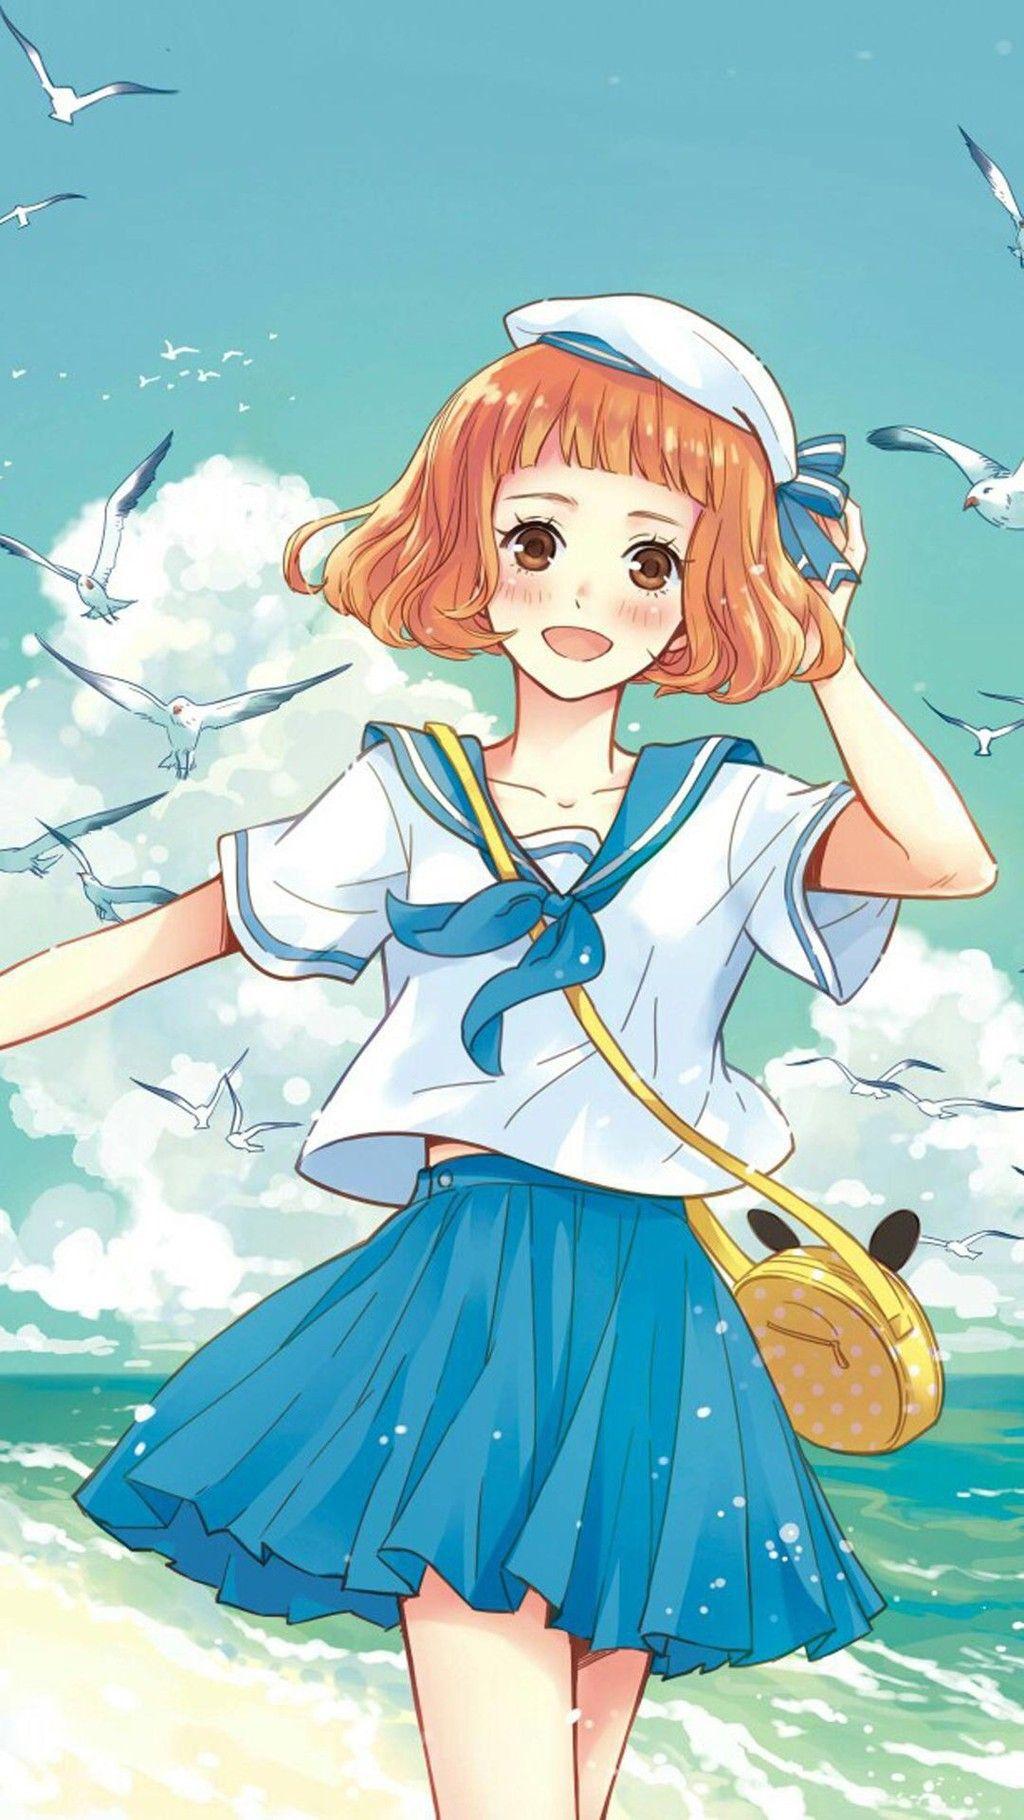 headphones girl anime anime girls / 1920x1200 Wallpaper